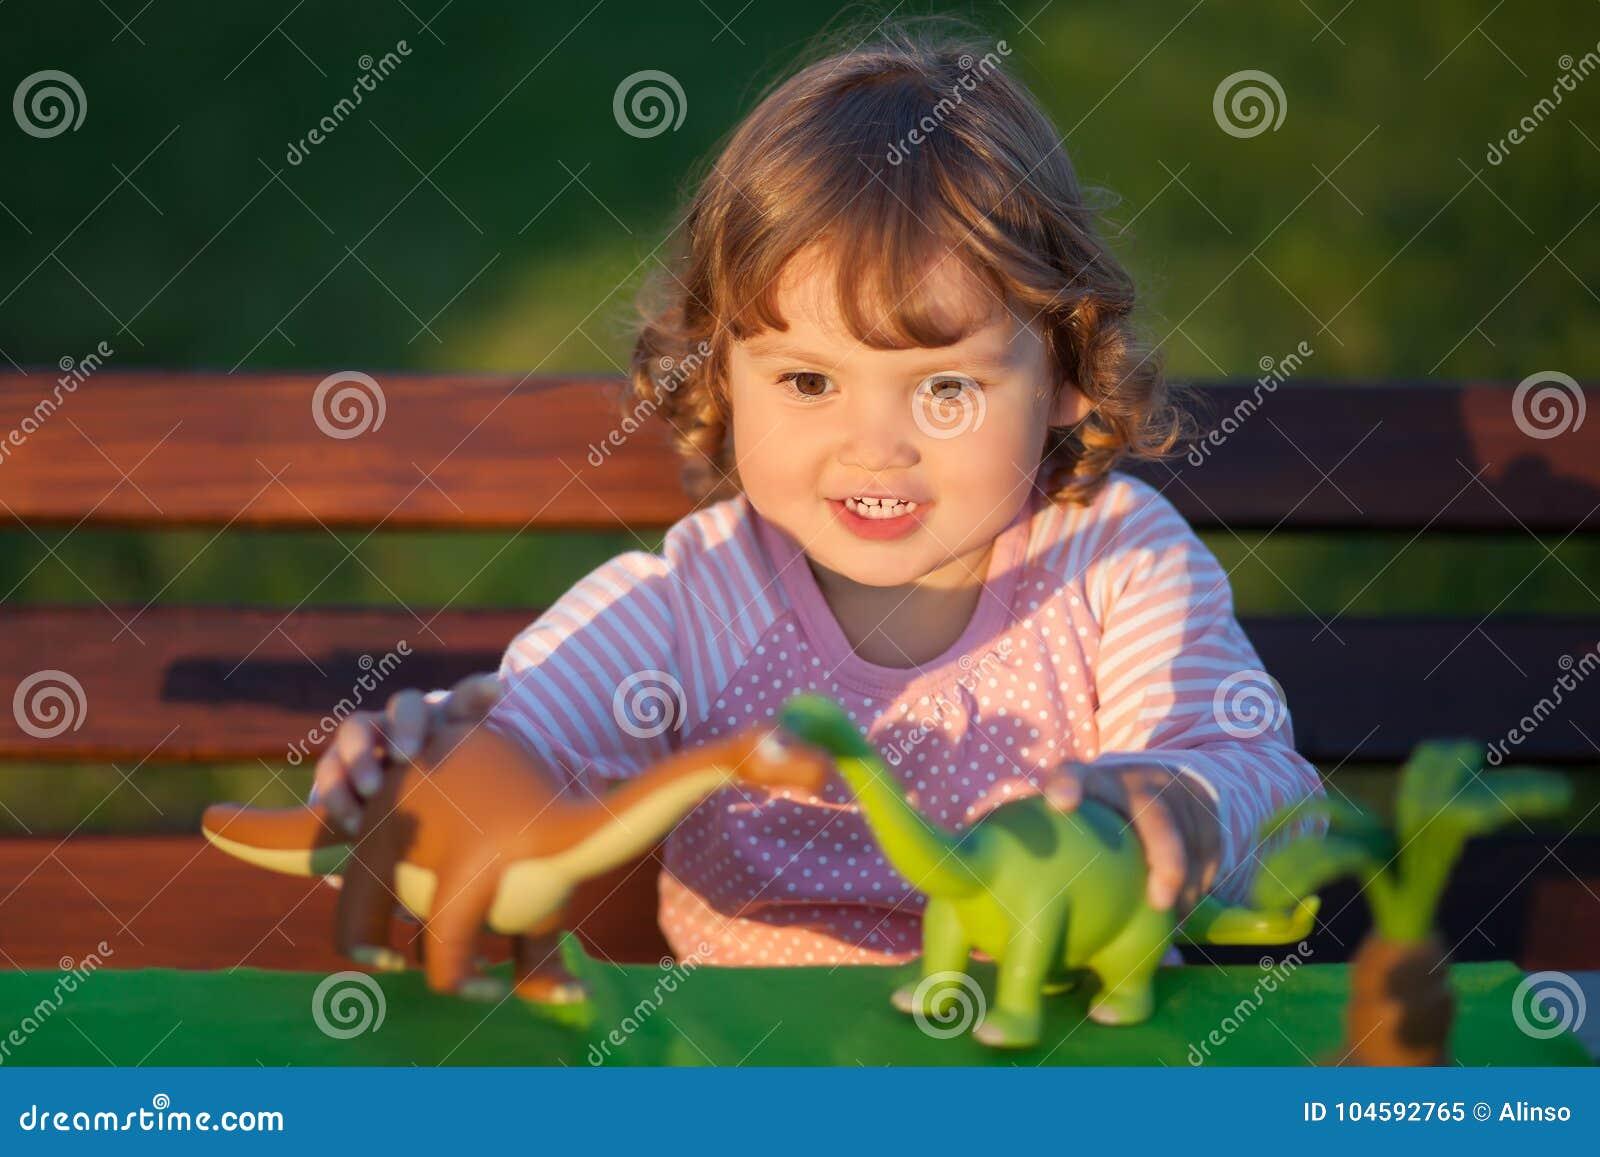 Παιχνίδι παιδιών μικρών παιδιών με έναν δεινόσαυρο παιχνιδιών